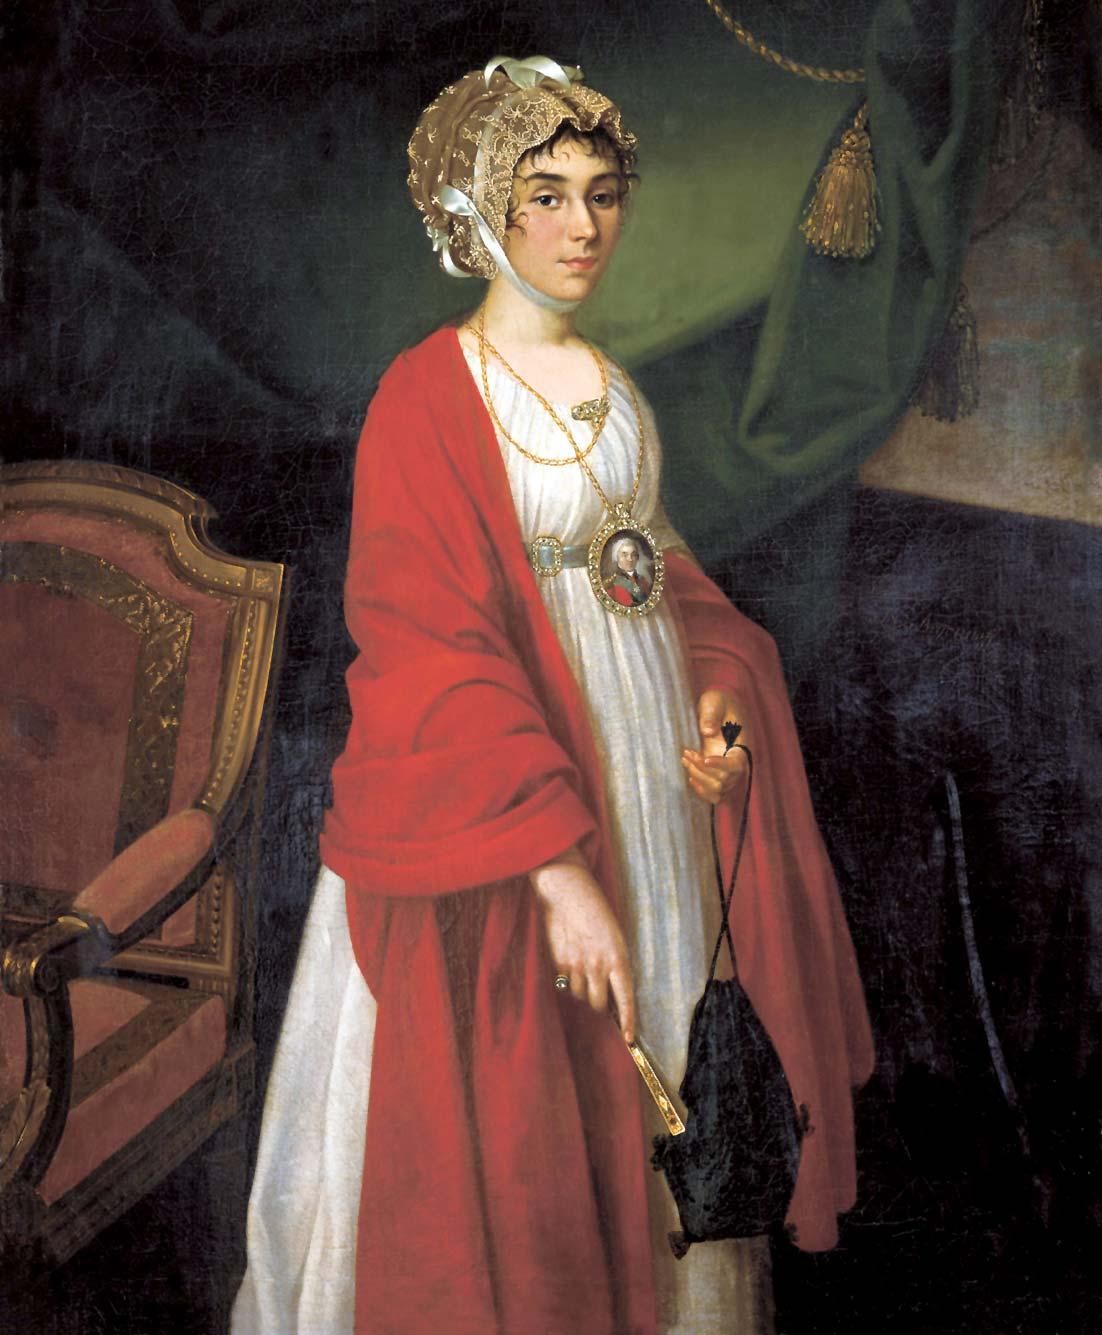 Прасковья Жемчугова (1768 - 1803)